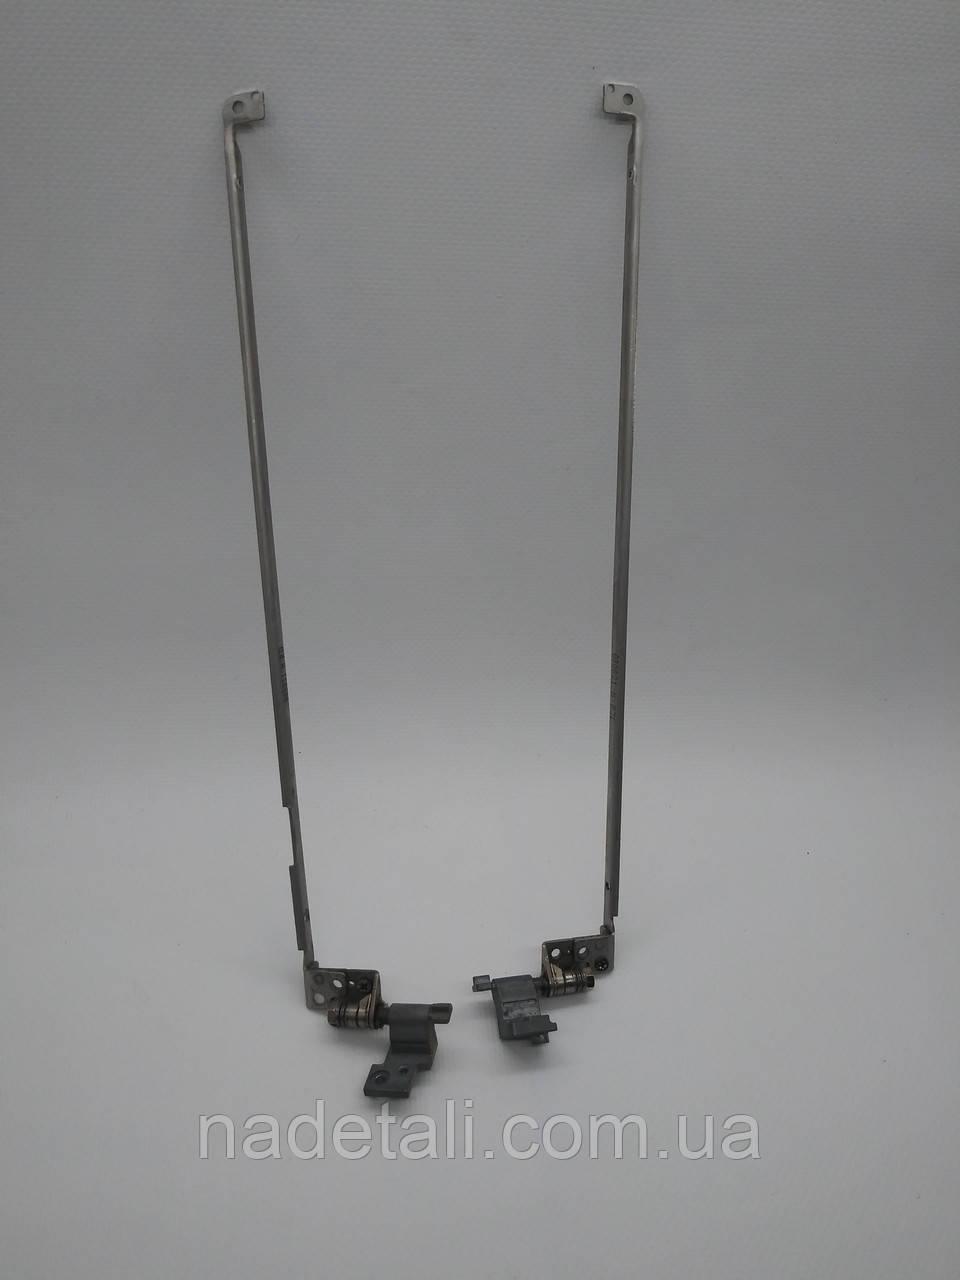 Петли HP dv6000 FBAT8062011  FBAT8061015